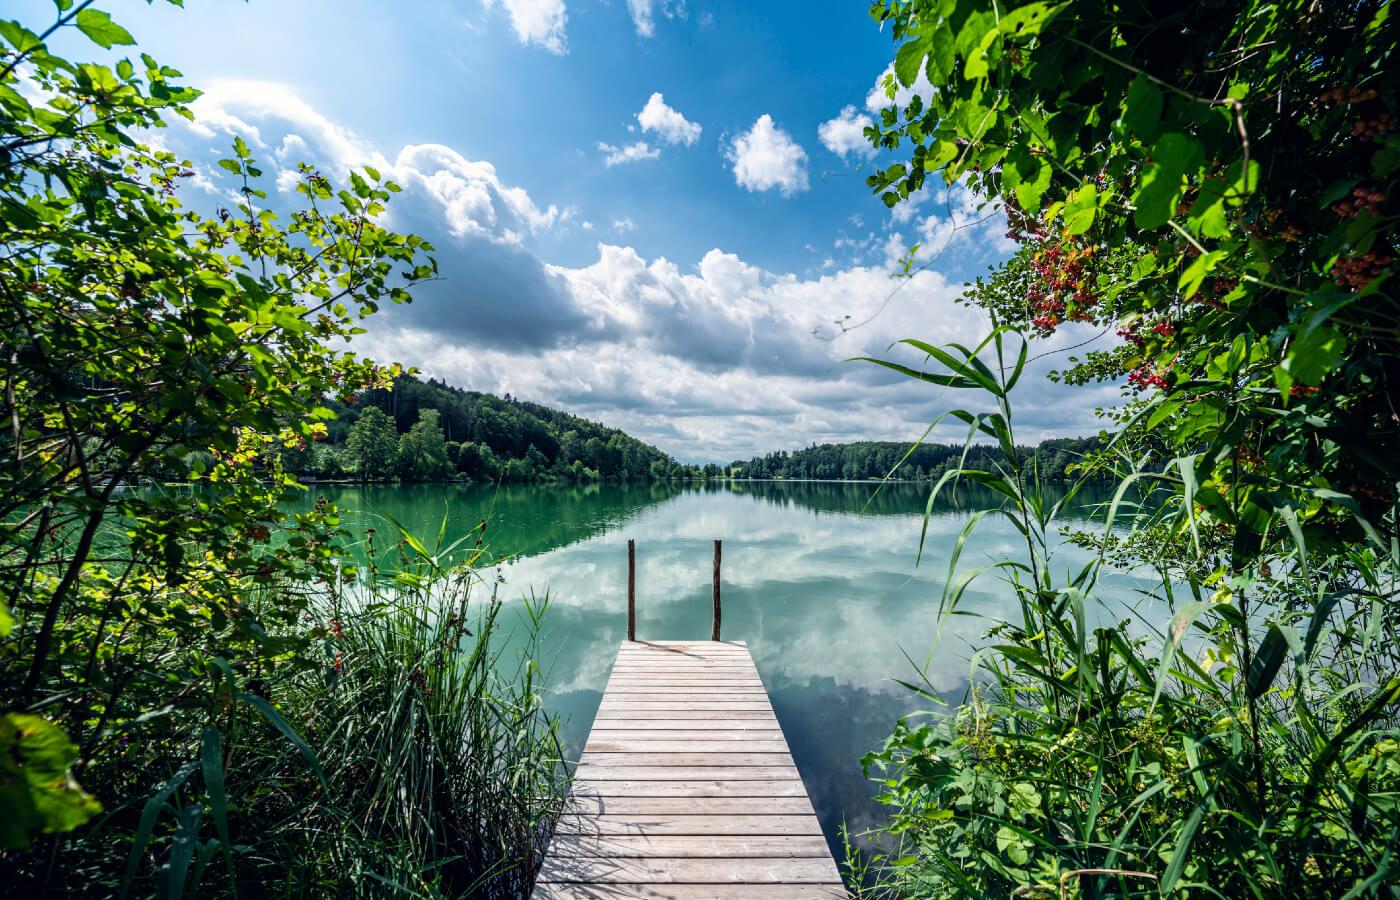 Ein Steg an einem See mitten in der Natur.